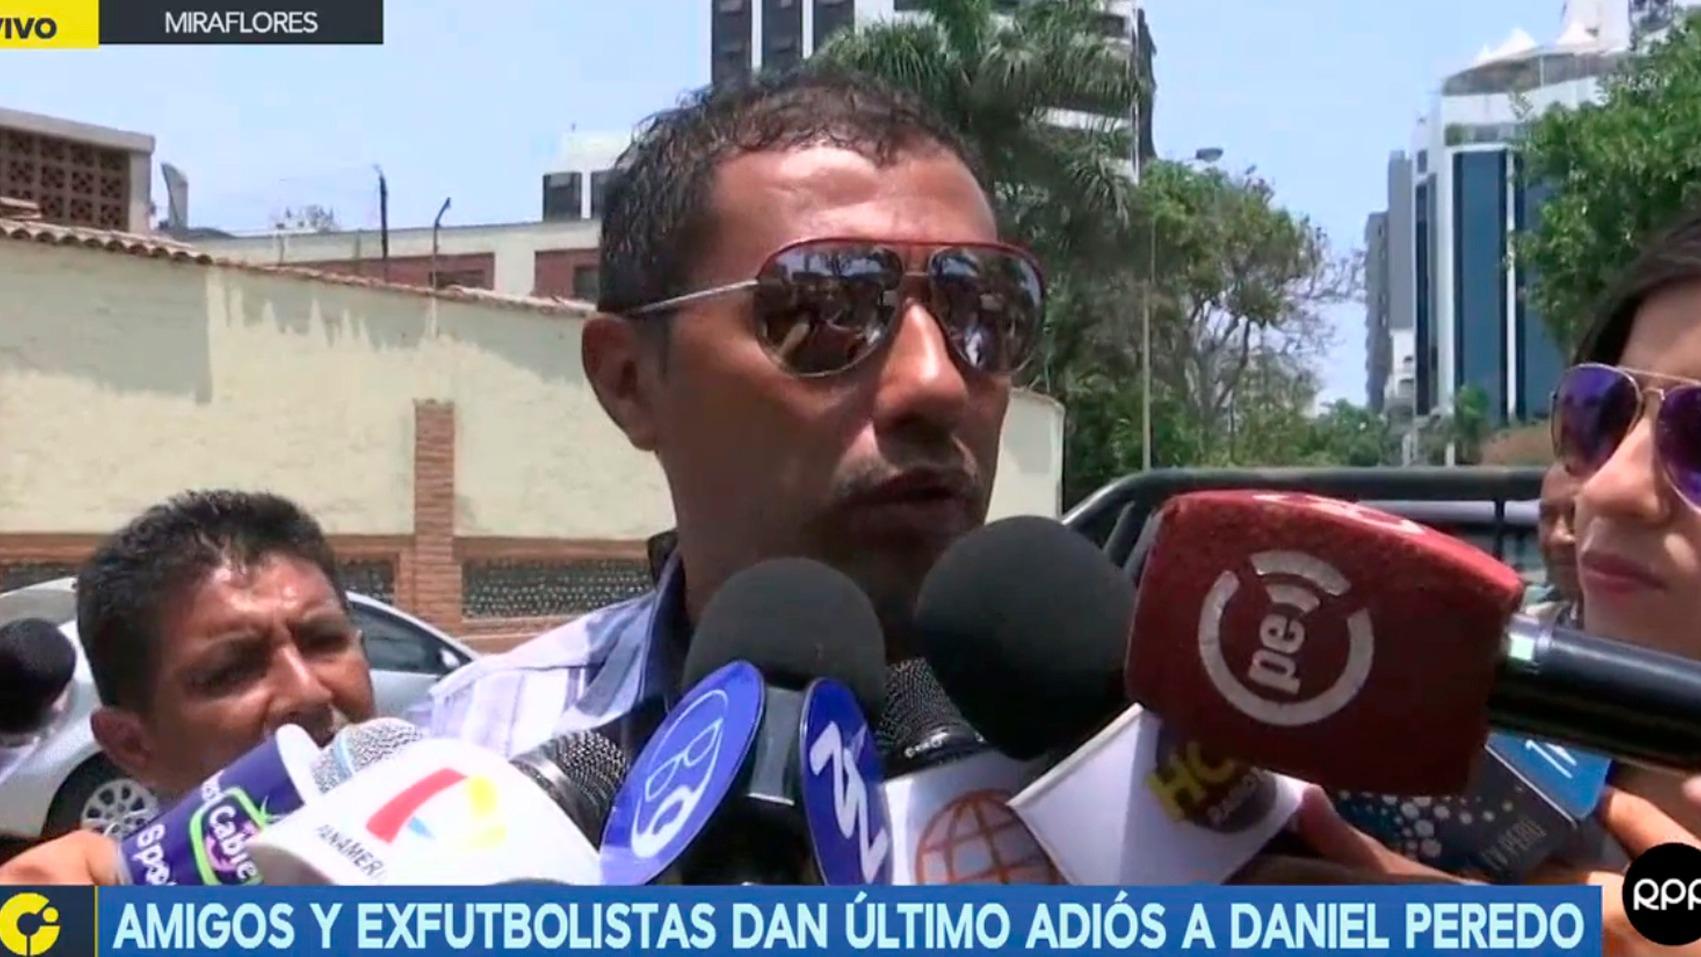 Amigos y exfutbolistas se despiden de Daniel Peredo en una iglesia de Miraflores